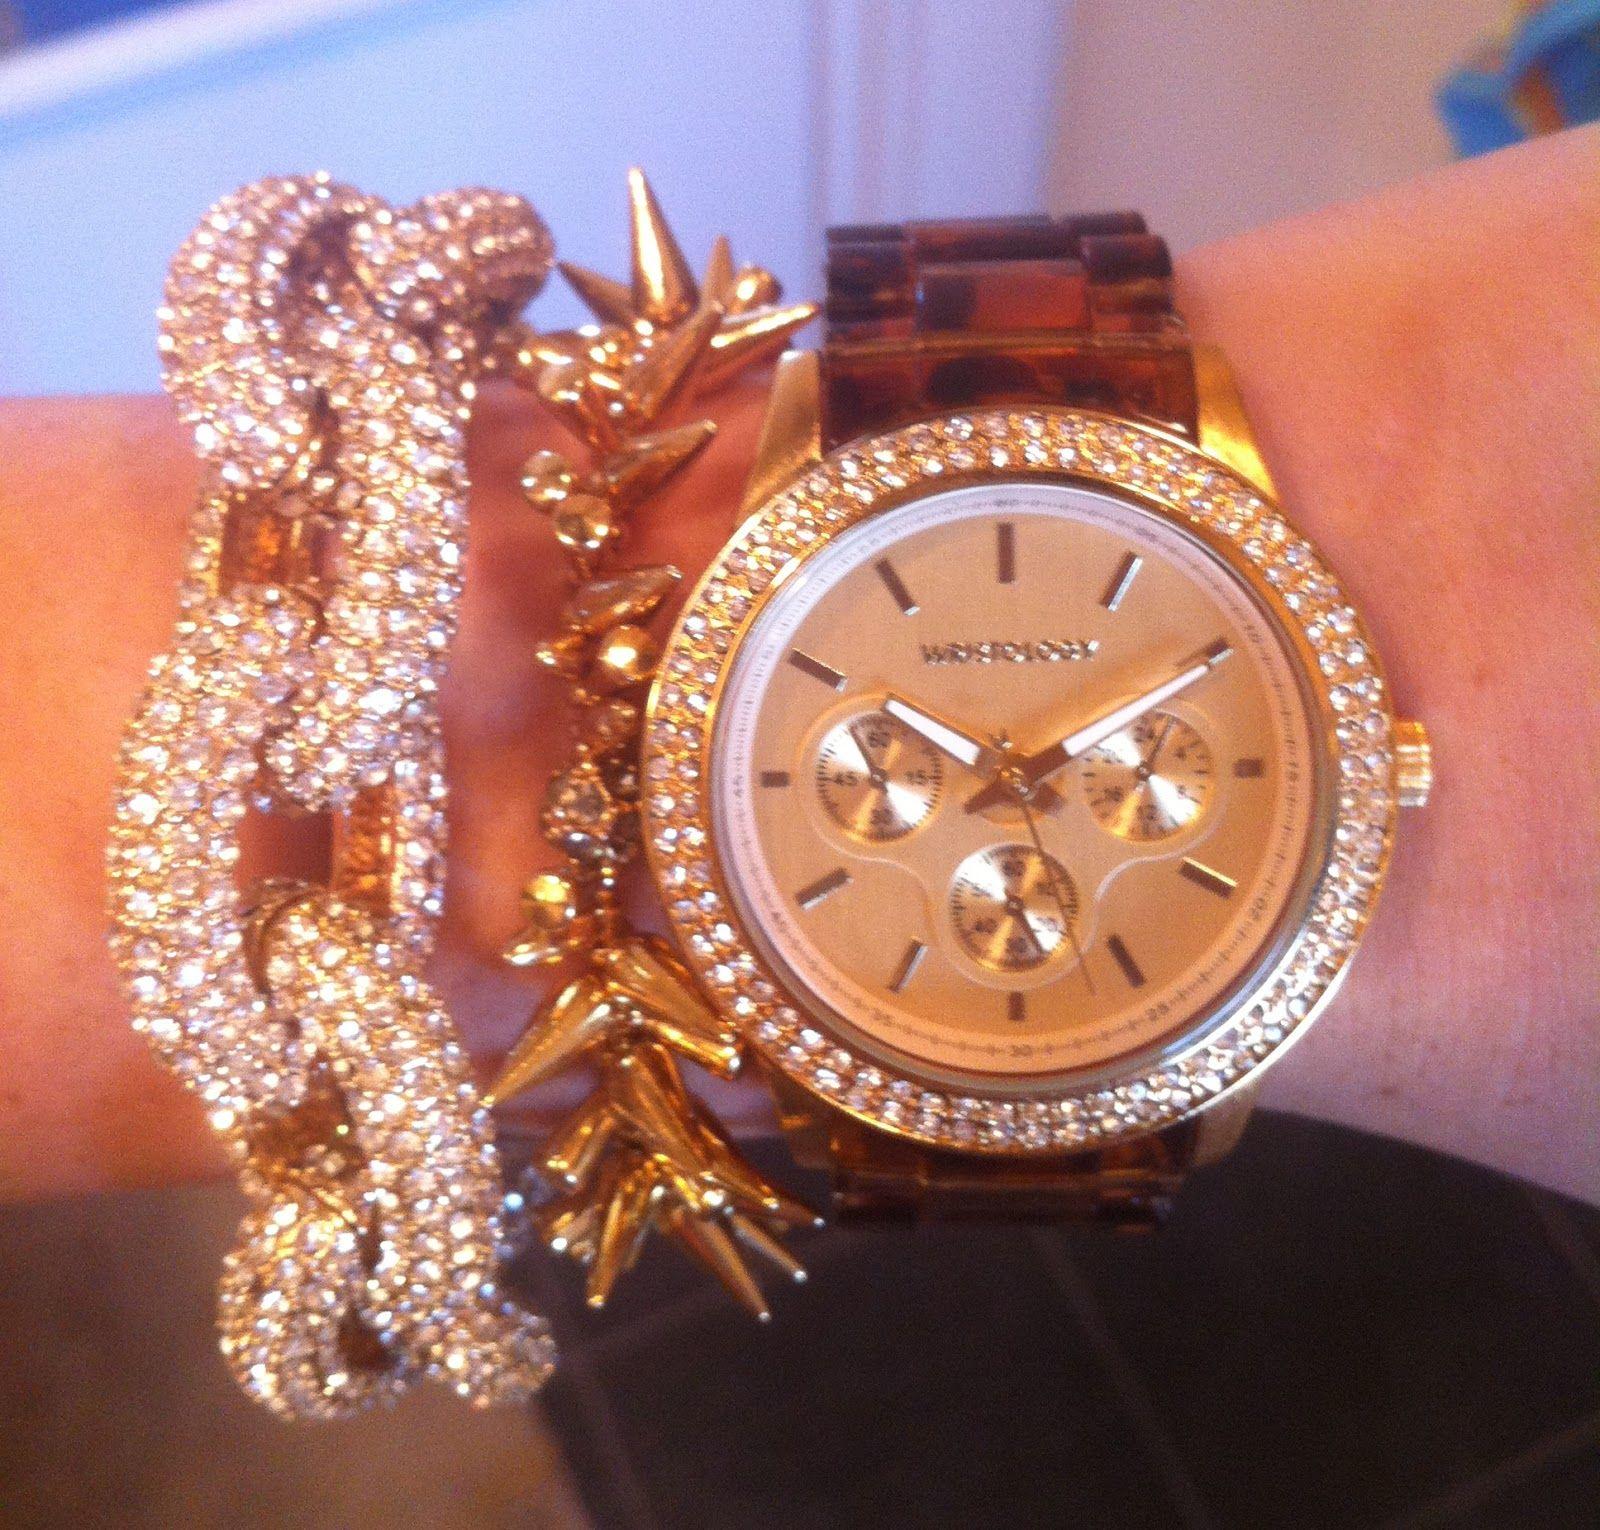 me gusta la pulsera los relojes no son lo mio = D